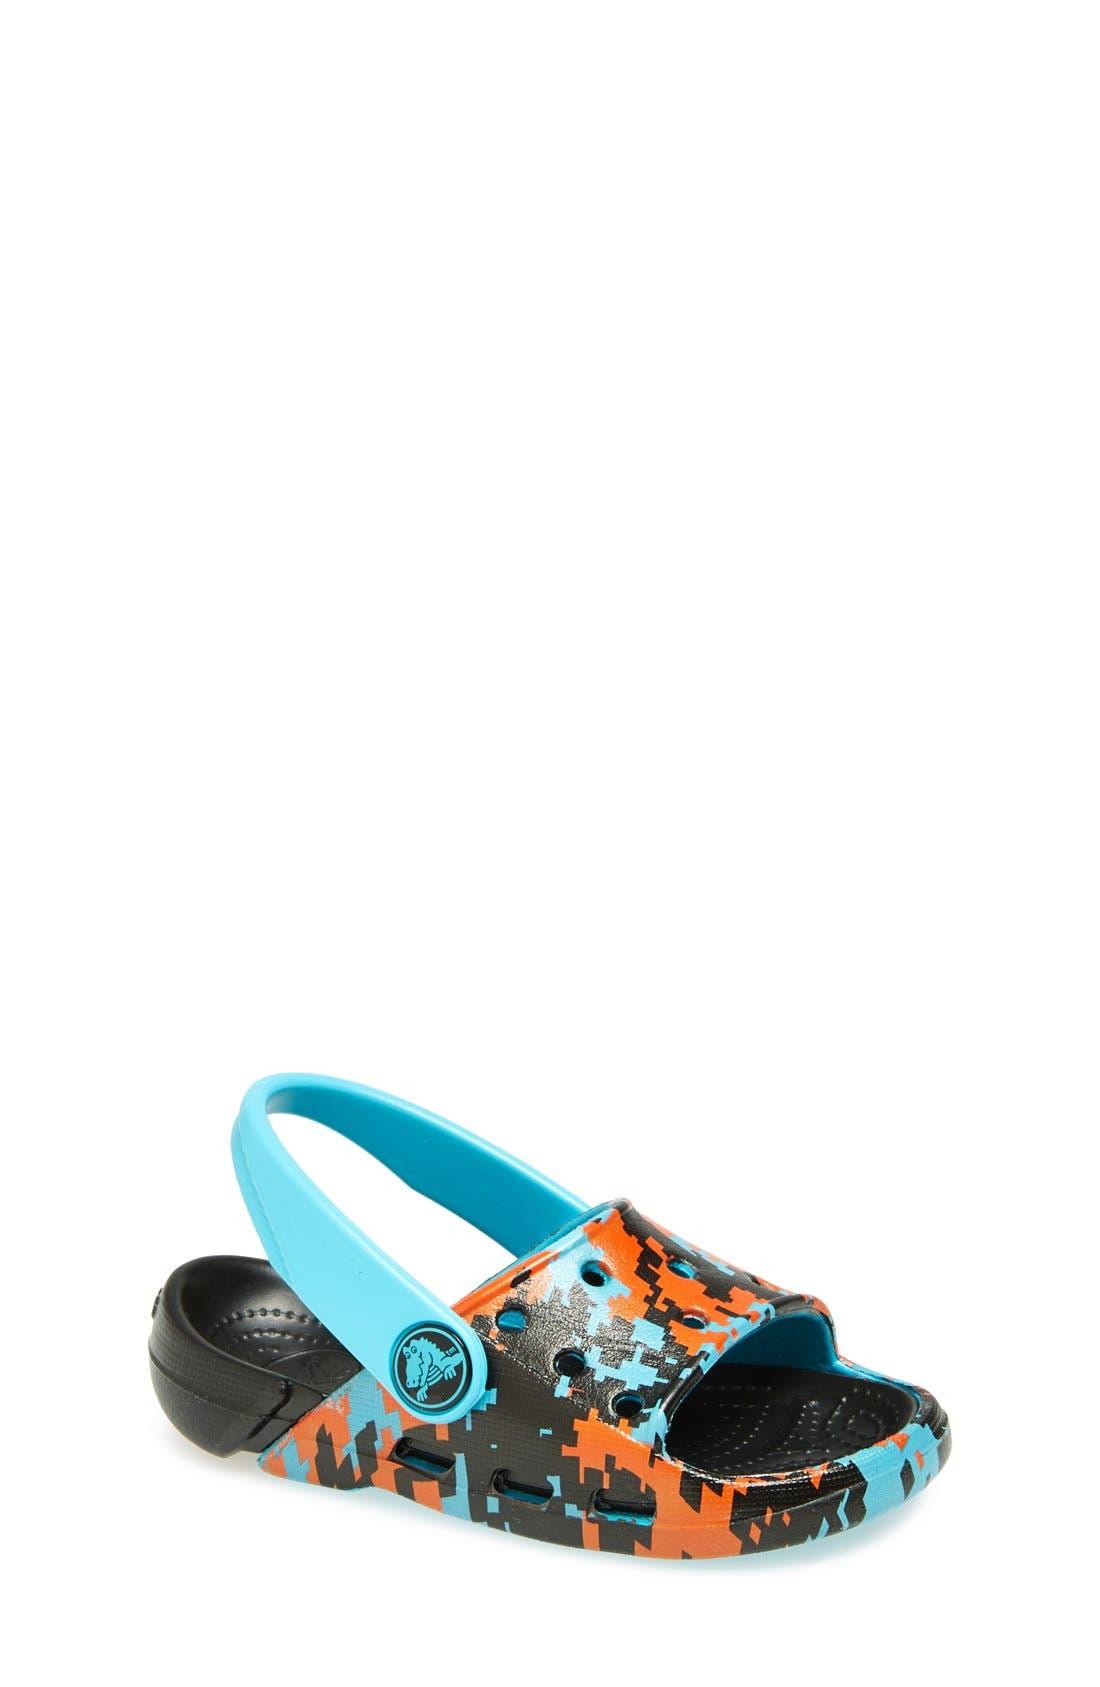 Alternate Image 1 Selected - CROCS™ 'Electro Slide - Digi Camo' Sandal (Walker, Toddler & Little Kid)